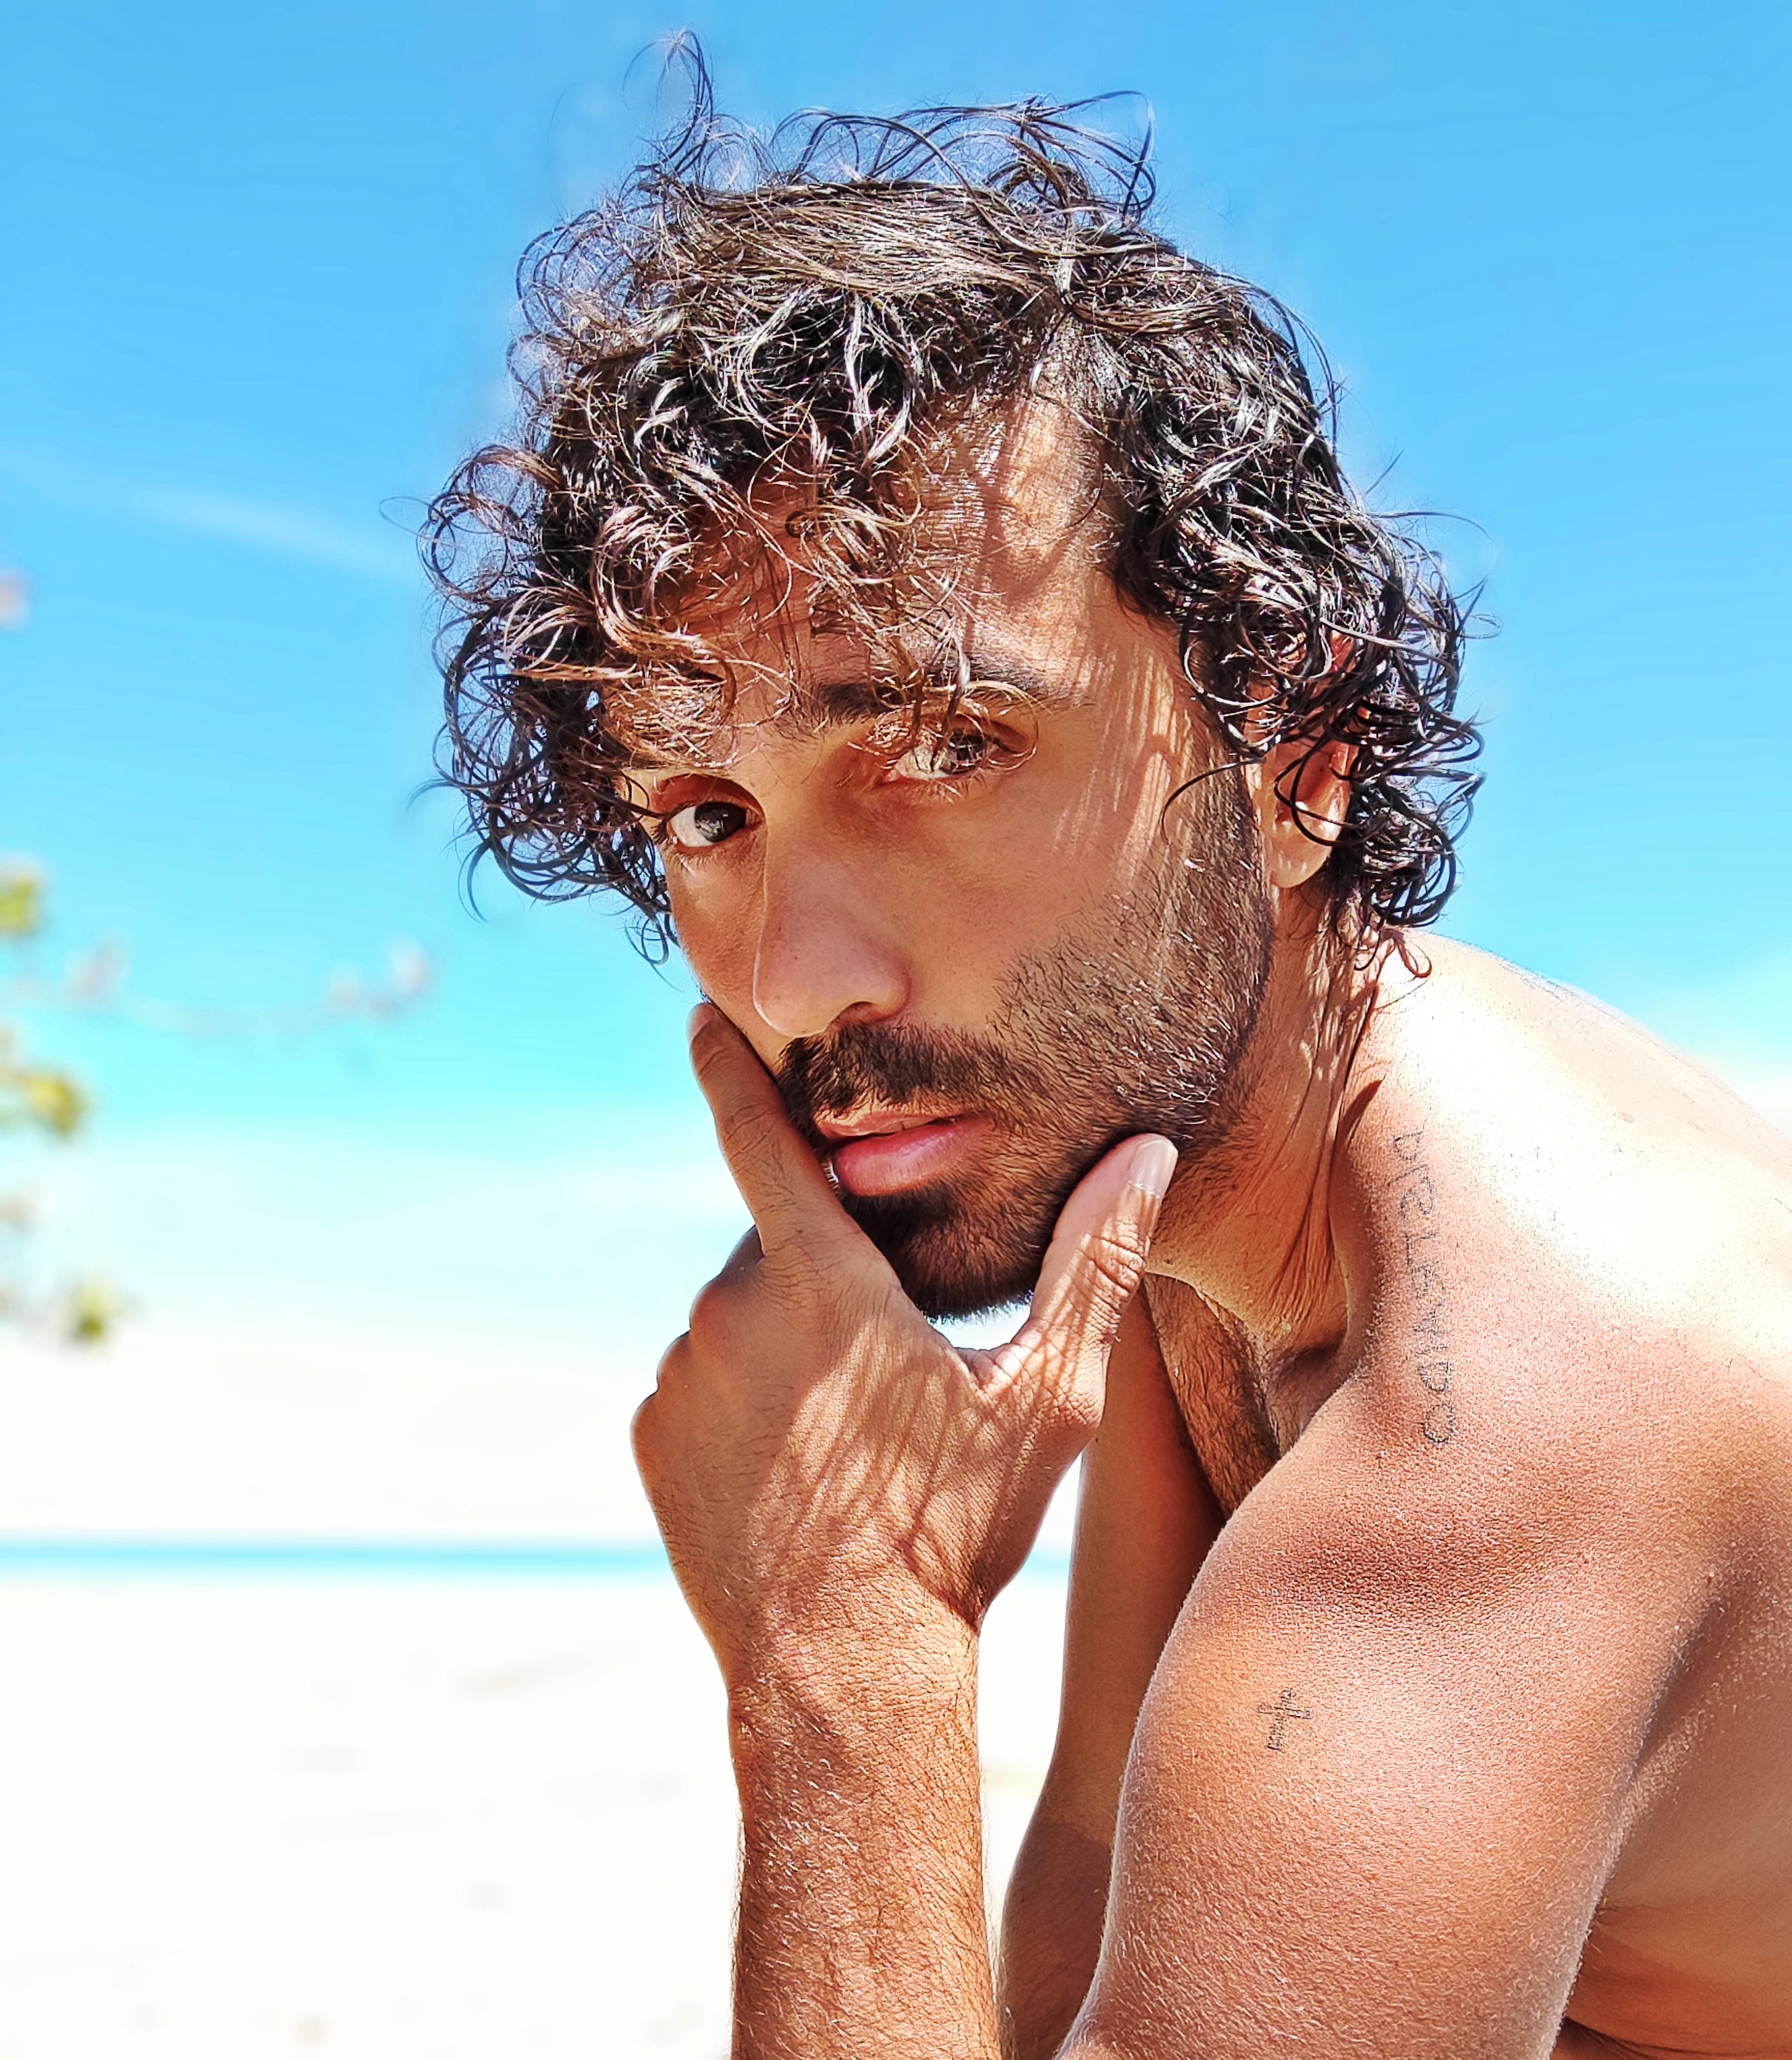 Rico Ayade encara 'O leãozinho' com olhar gay em EP em que canta Caetano Veloso